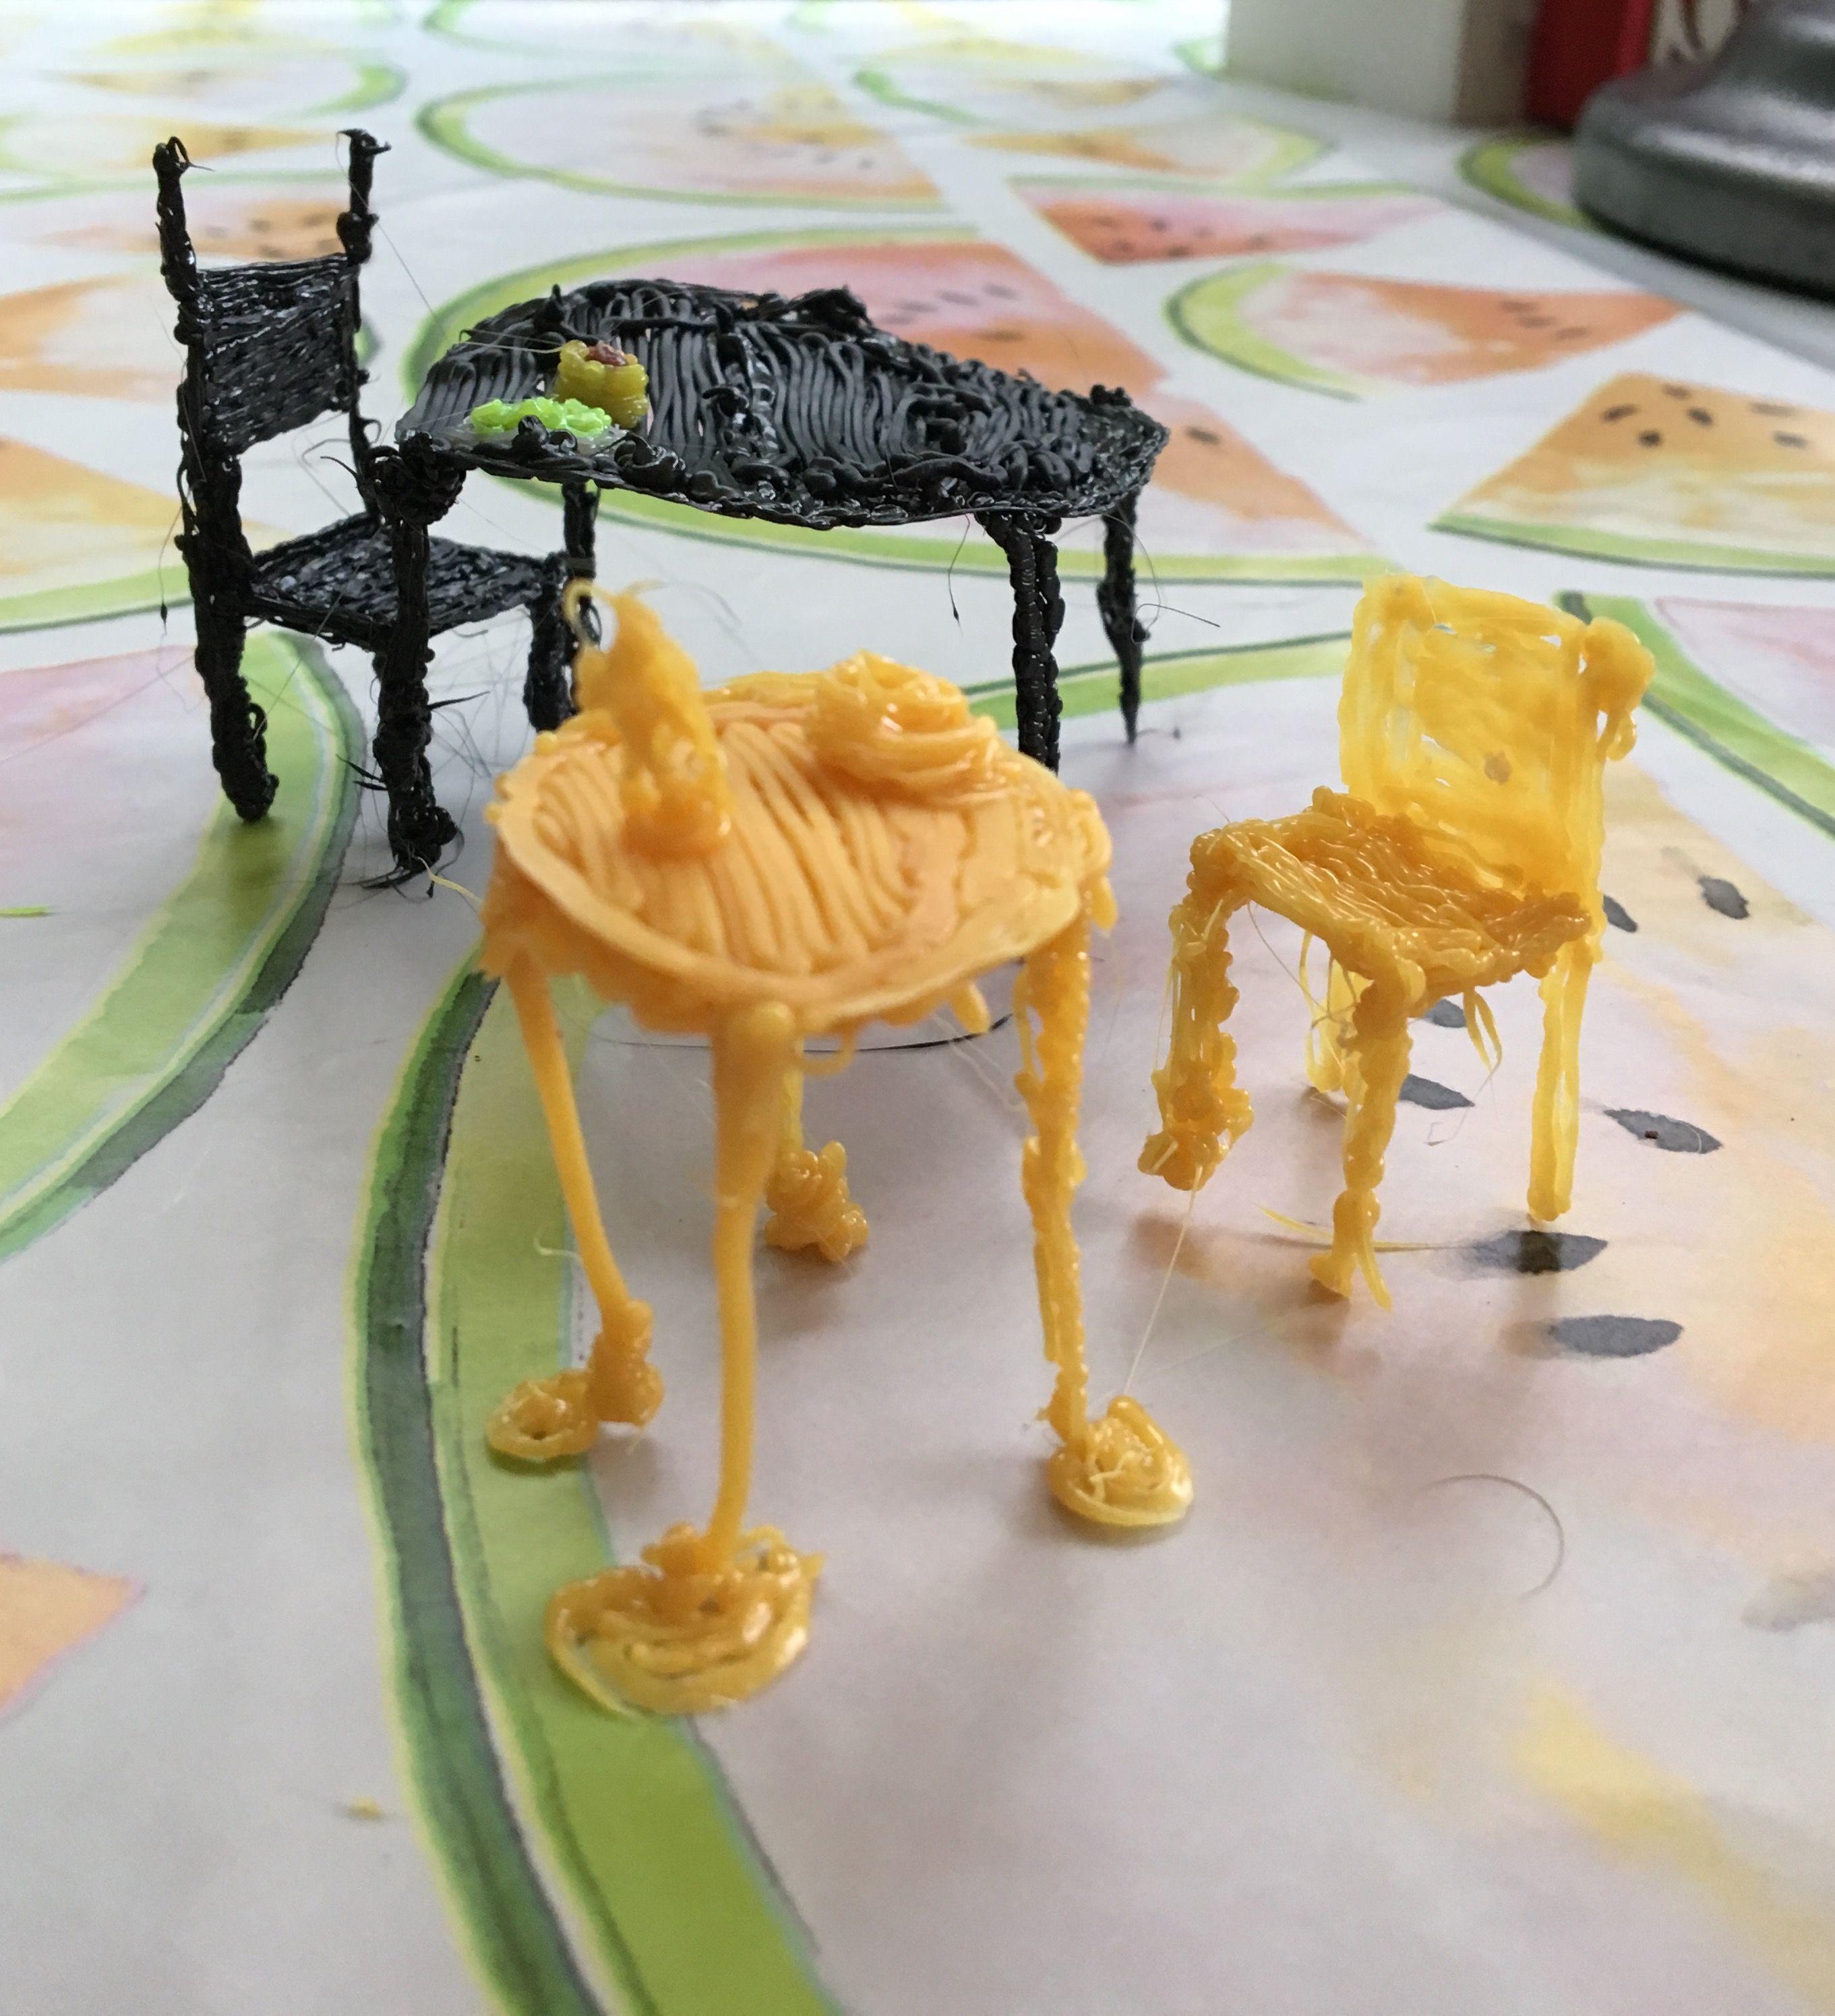 Pin by Early Years Zoe Spratt on 3D pen creations | Pinterest | 3d pen